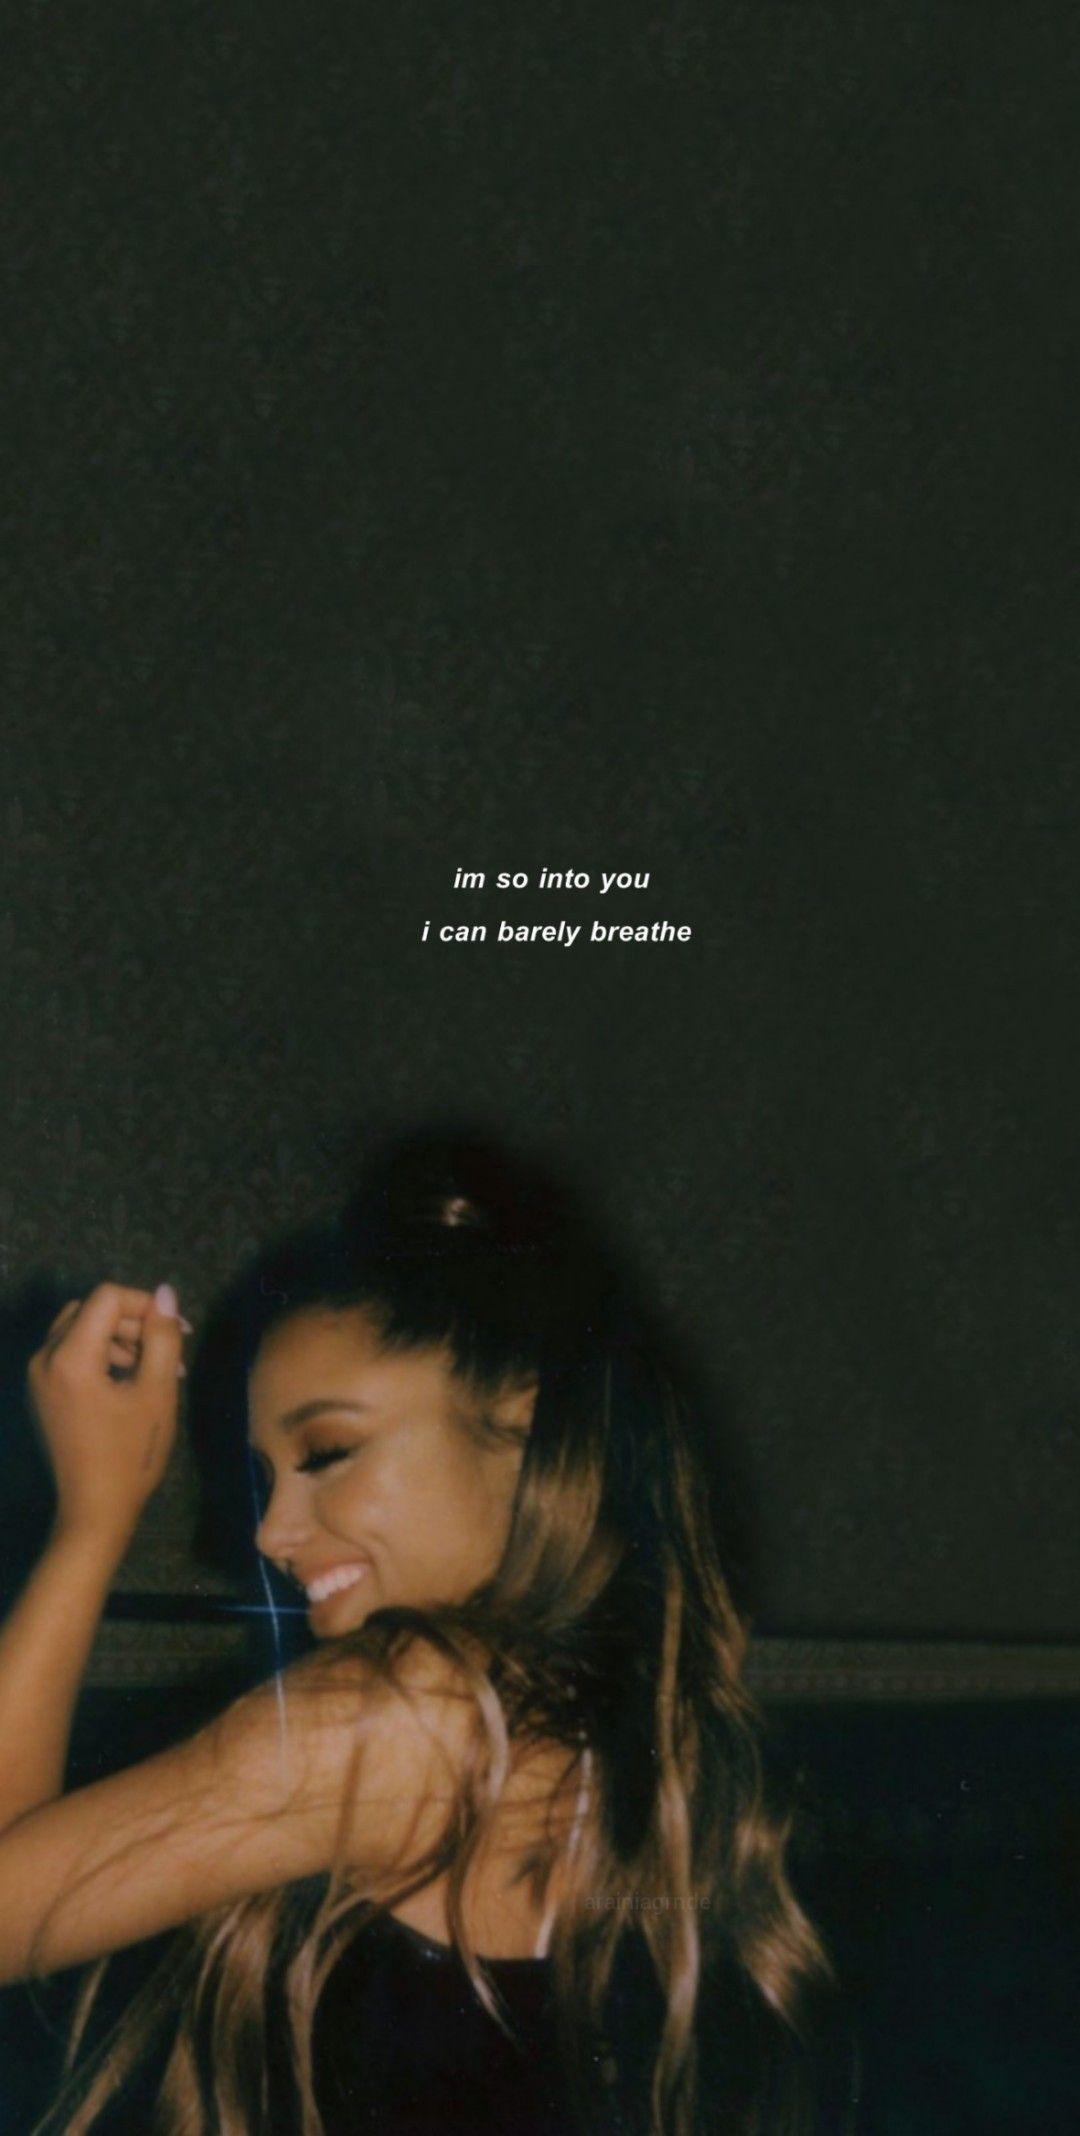 Pin de Stephany Menezes em Ariana Grande ♡ | Ariana Grande, Ariana grande wallpaper e Ariana ...